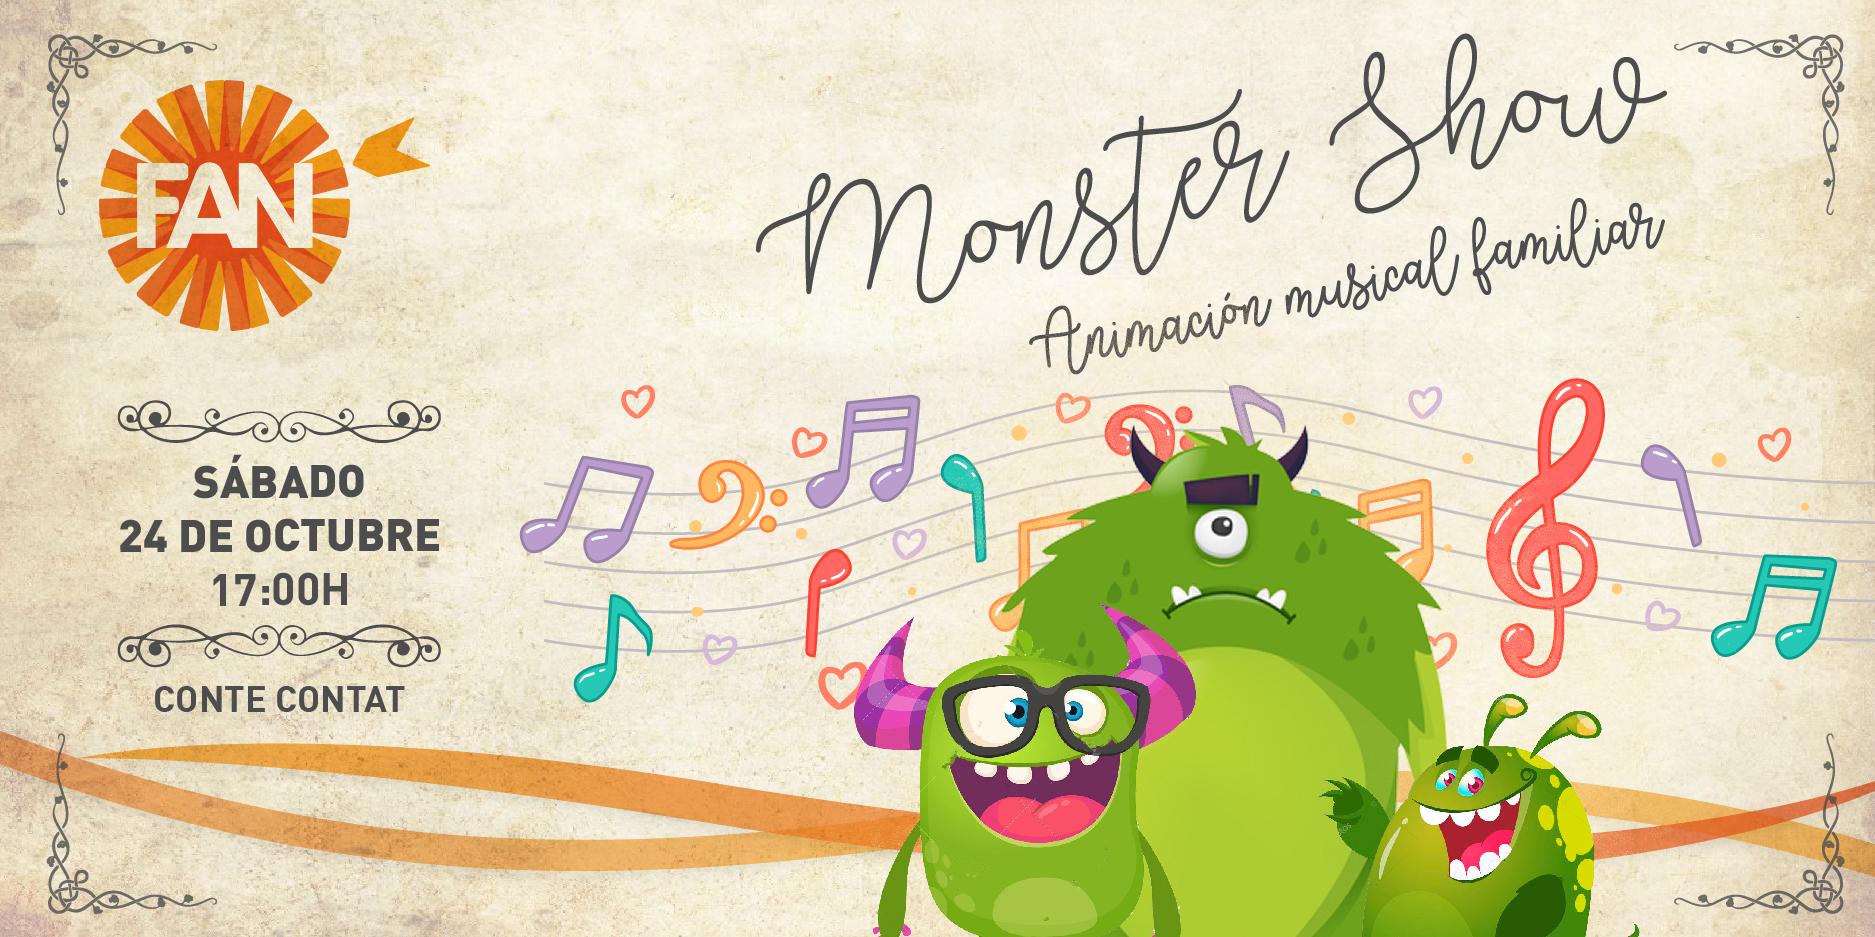 20201014_monster show 24 octubre_destacada agenda